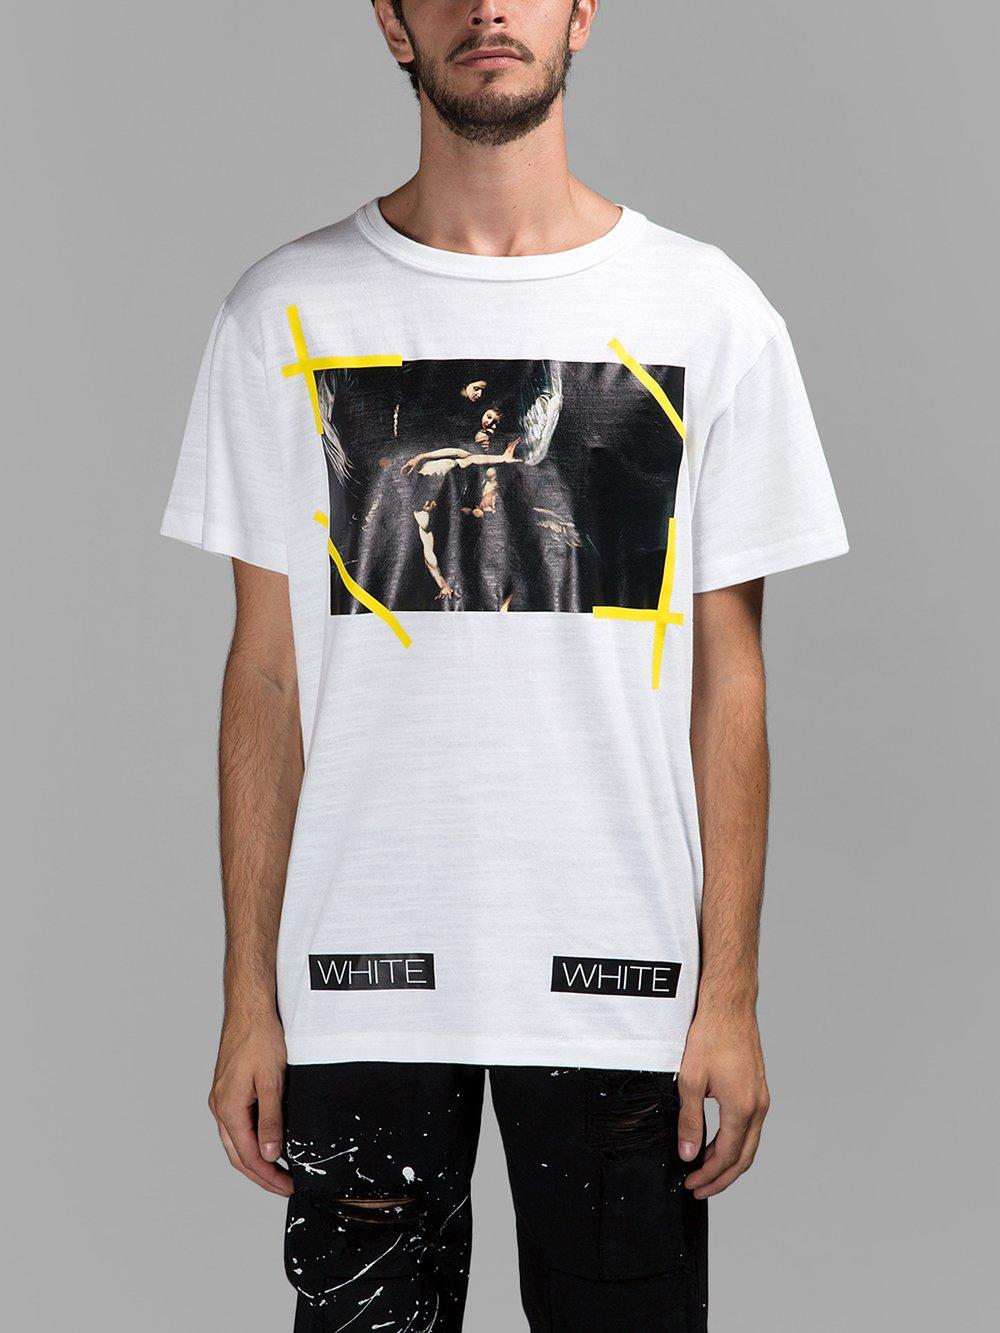 a011178a95 Off-white Caravaggio T Shirt   Grailed